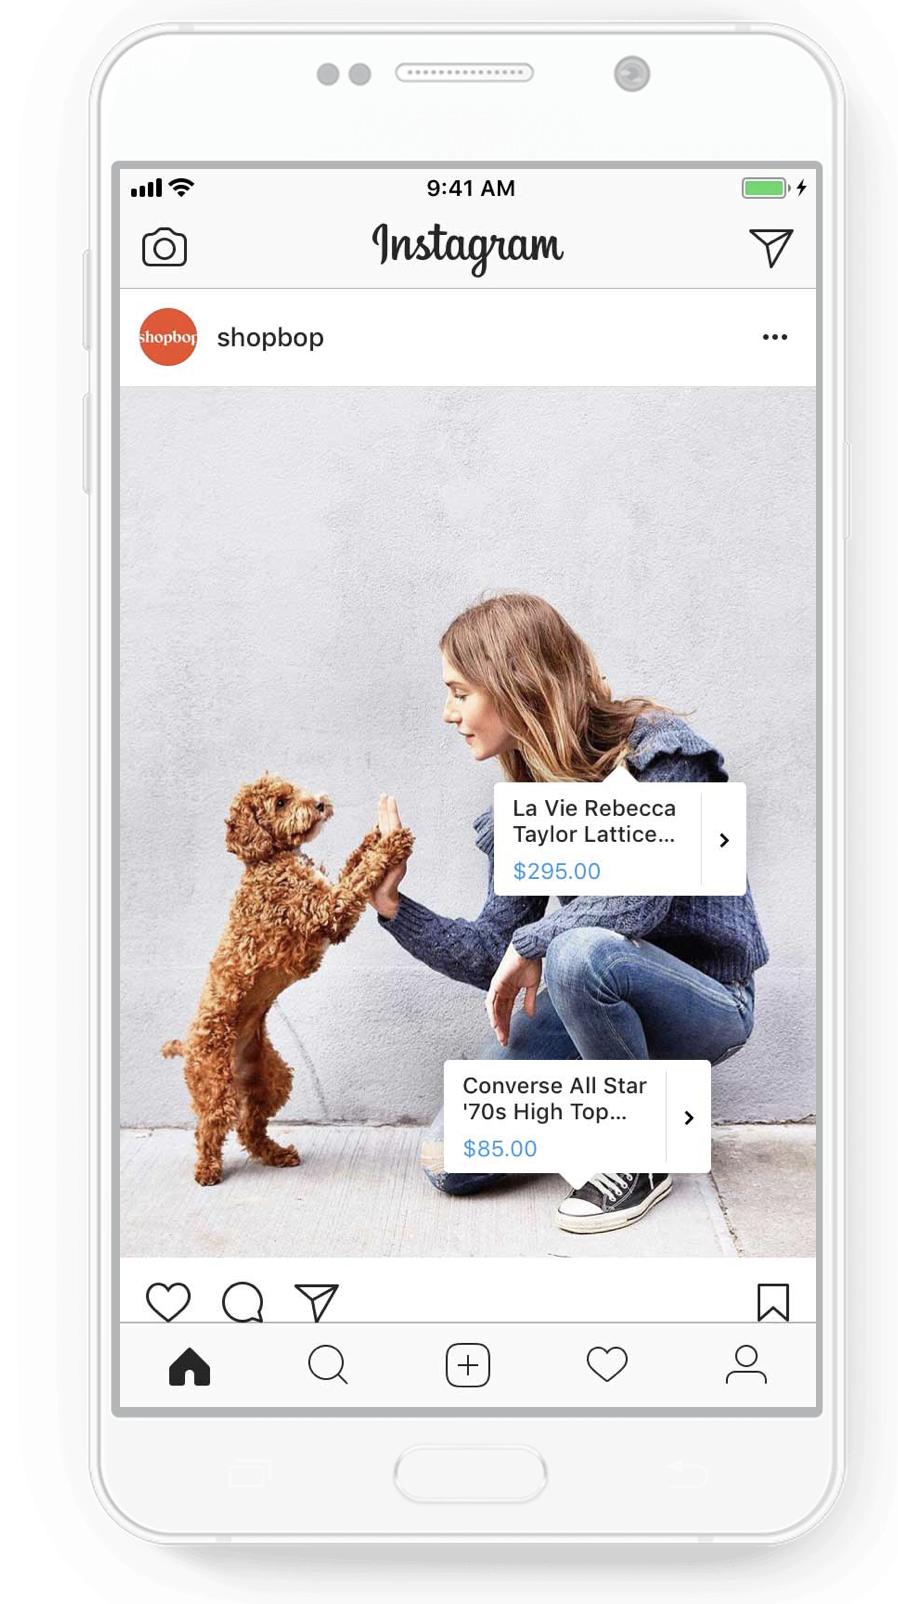 Facebook thử nghiệm quảng cáo cho phép người dùng thử quần áo ngay trên News Feed